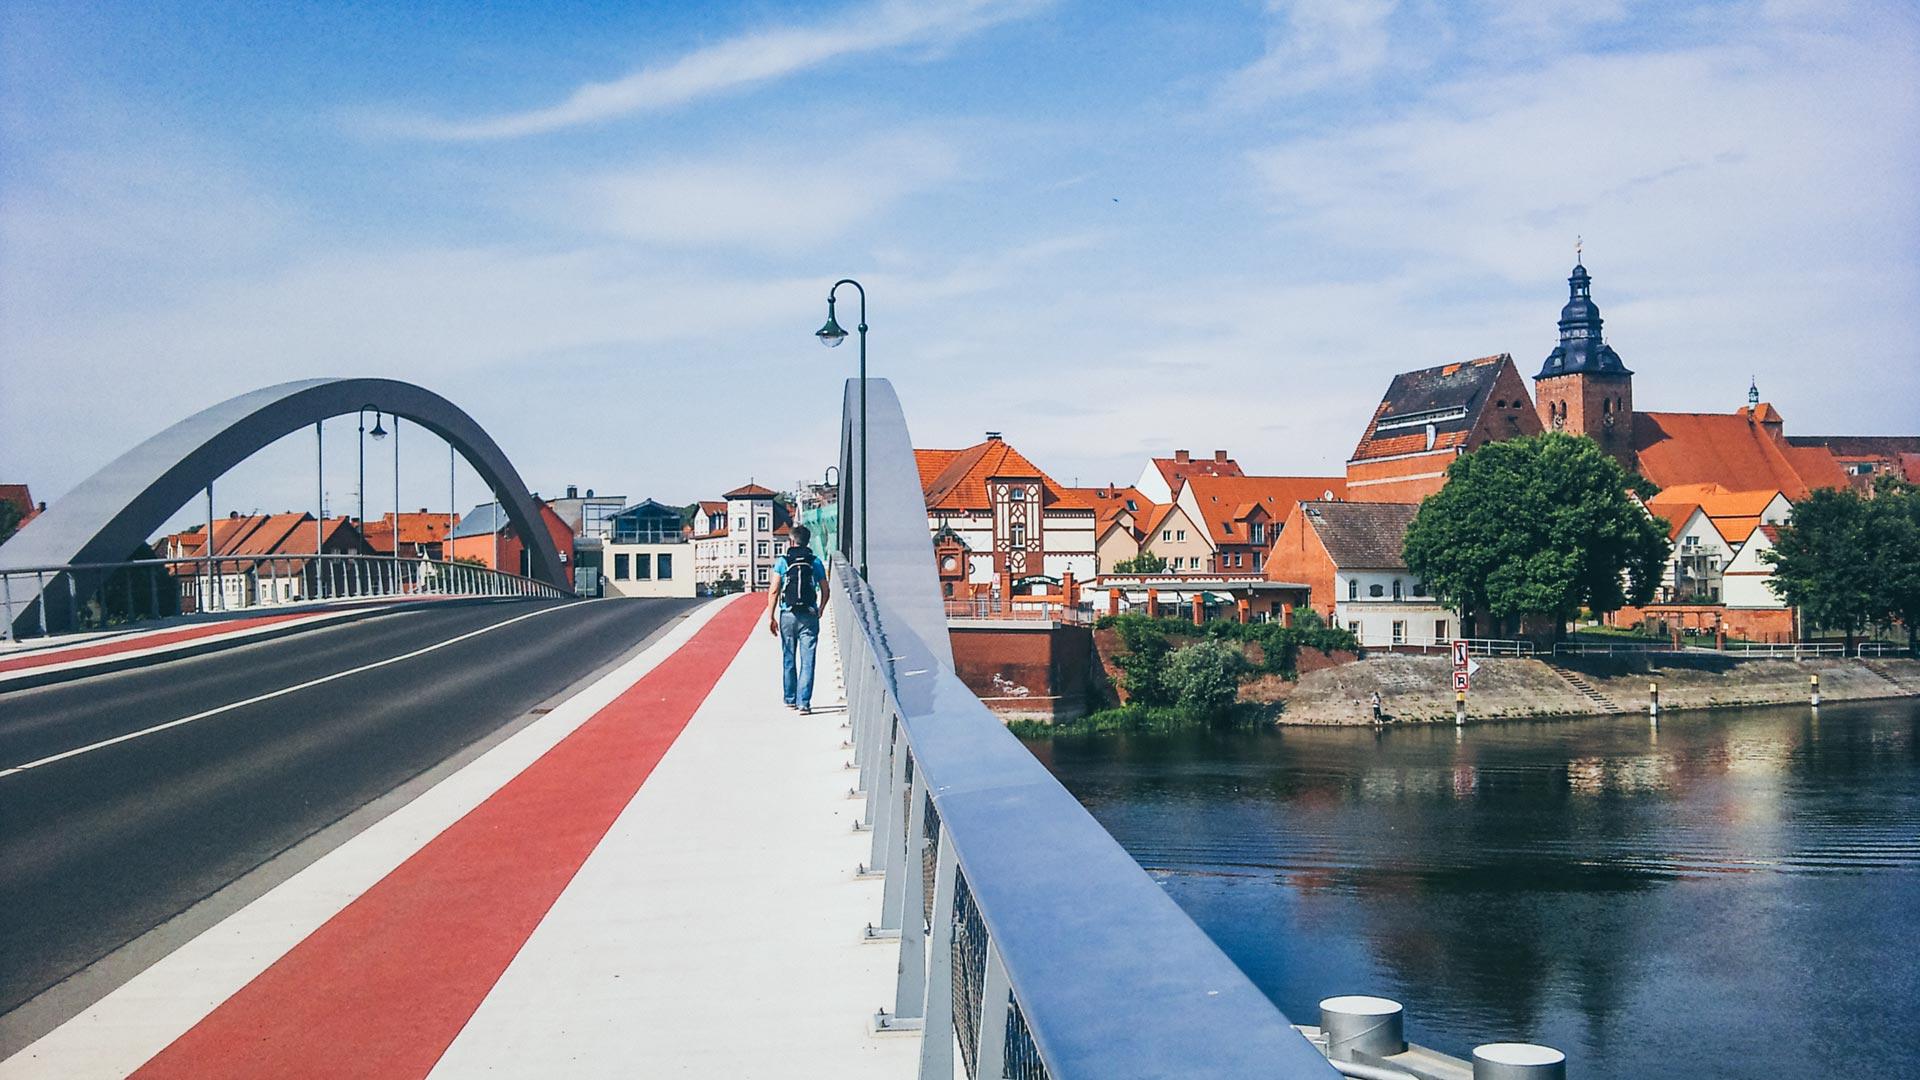 Havelberg an der Elbe. Von spätromanischer bis moderner Architektur war alles vorhanden. Auch ostdeutsche...